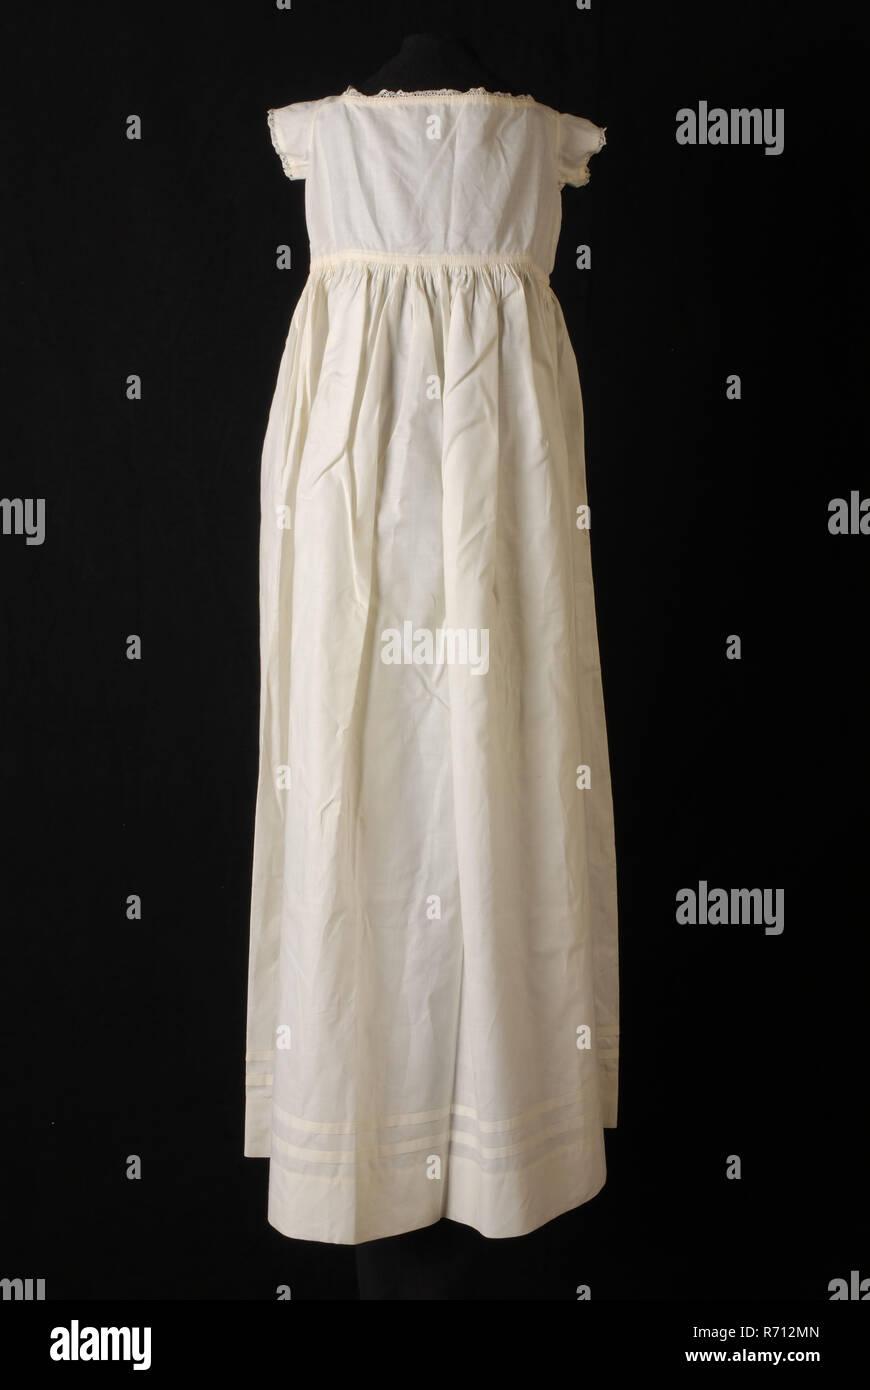 kleid oder taufe kleid in weiß baumwolle, gerader hals